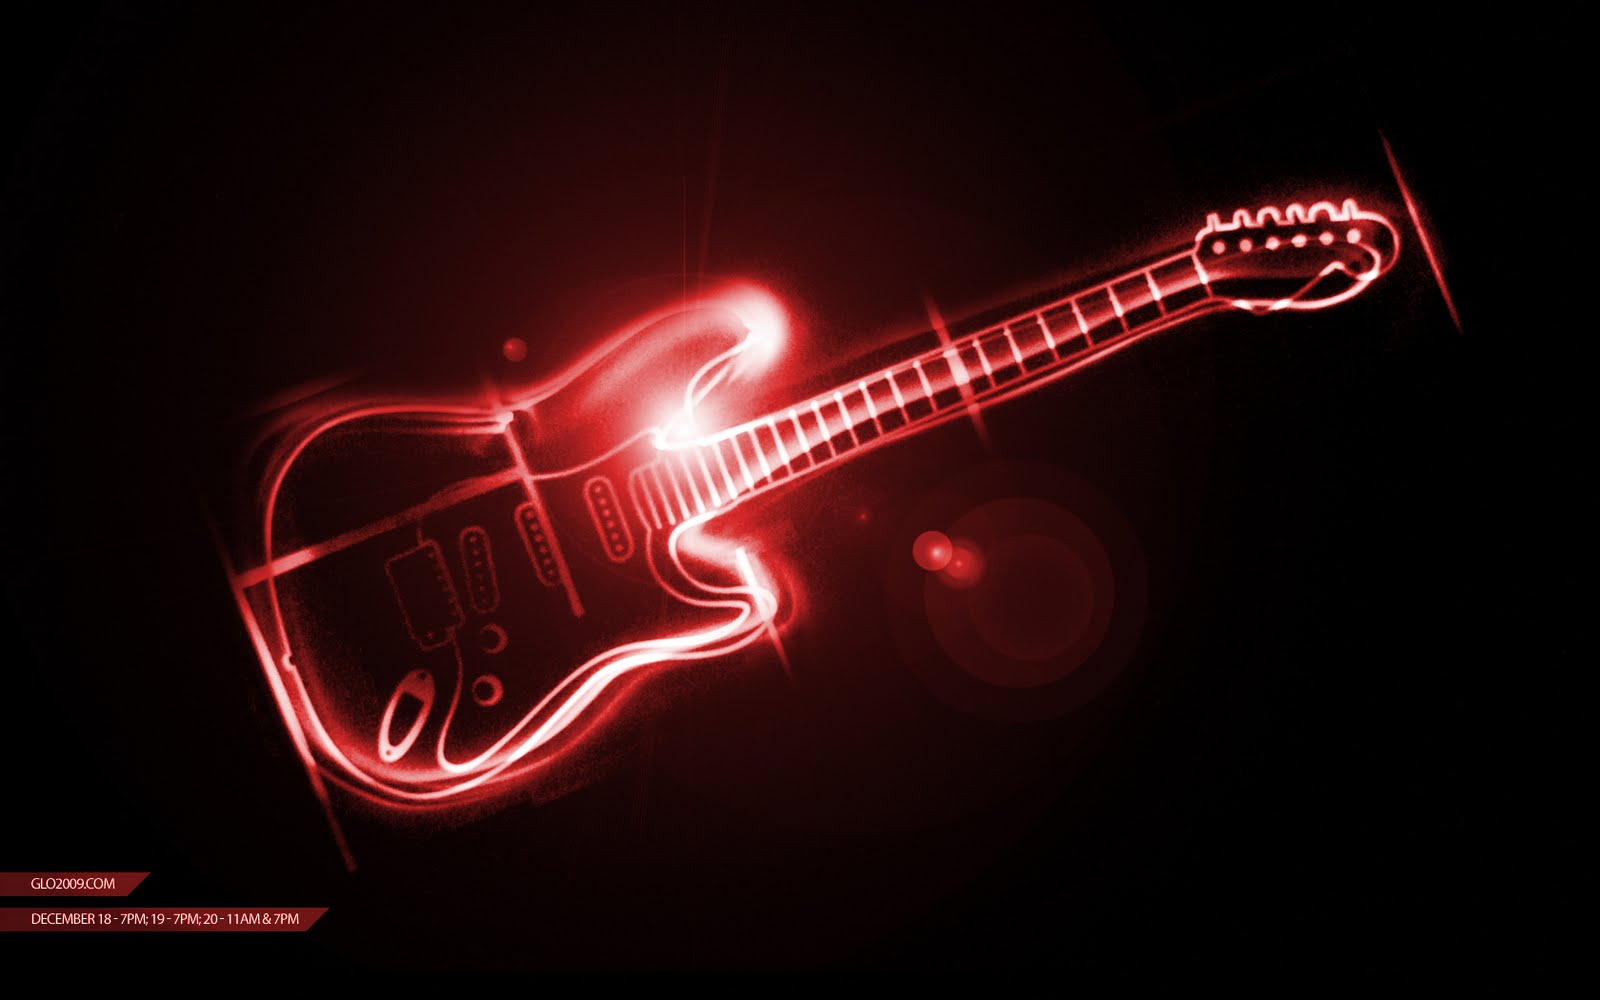 http://1.bp.blogspot.com/_cEv0XEvec9g/S73w5dbcqyI/AAAAAAAAAEg/WoKZudQuBK4/s1600/guitar-wallpaper.jpg